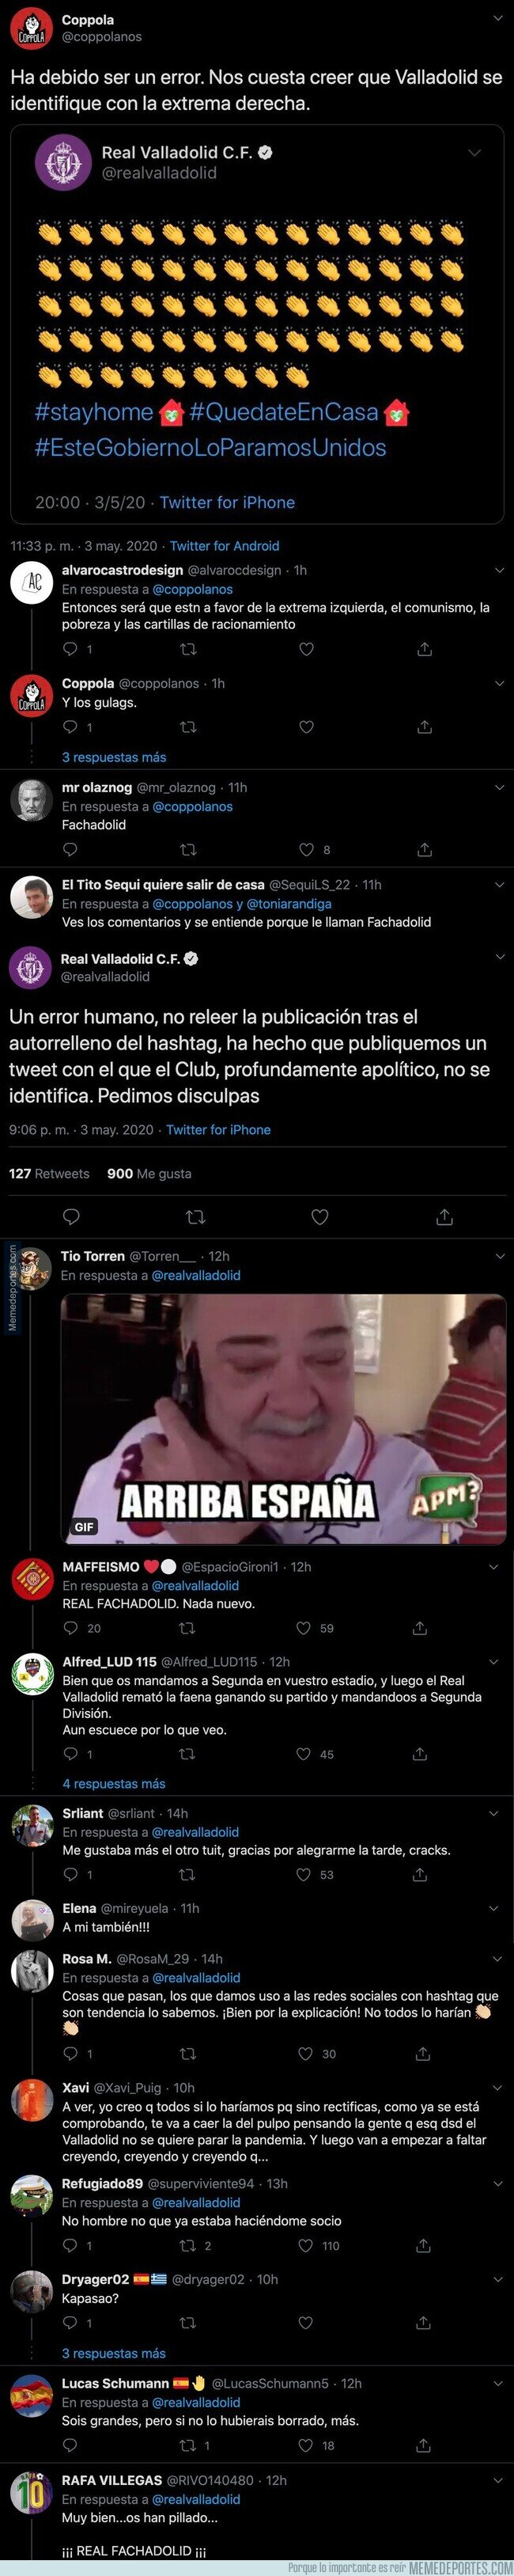 1103719 - El Real Valladolid la lía por completo al tuitear este mensaje contra Pedro Sánchez en mitad de la pandemia del coronavirus